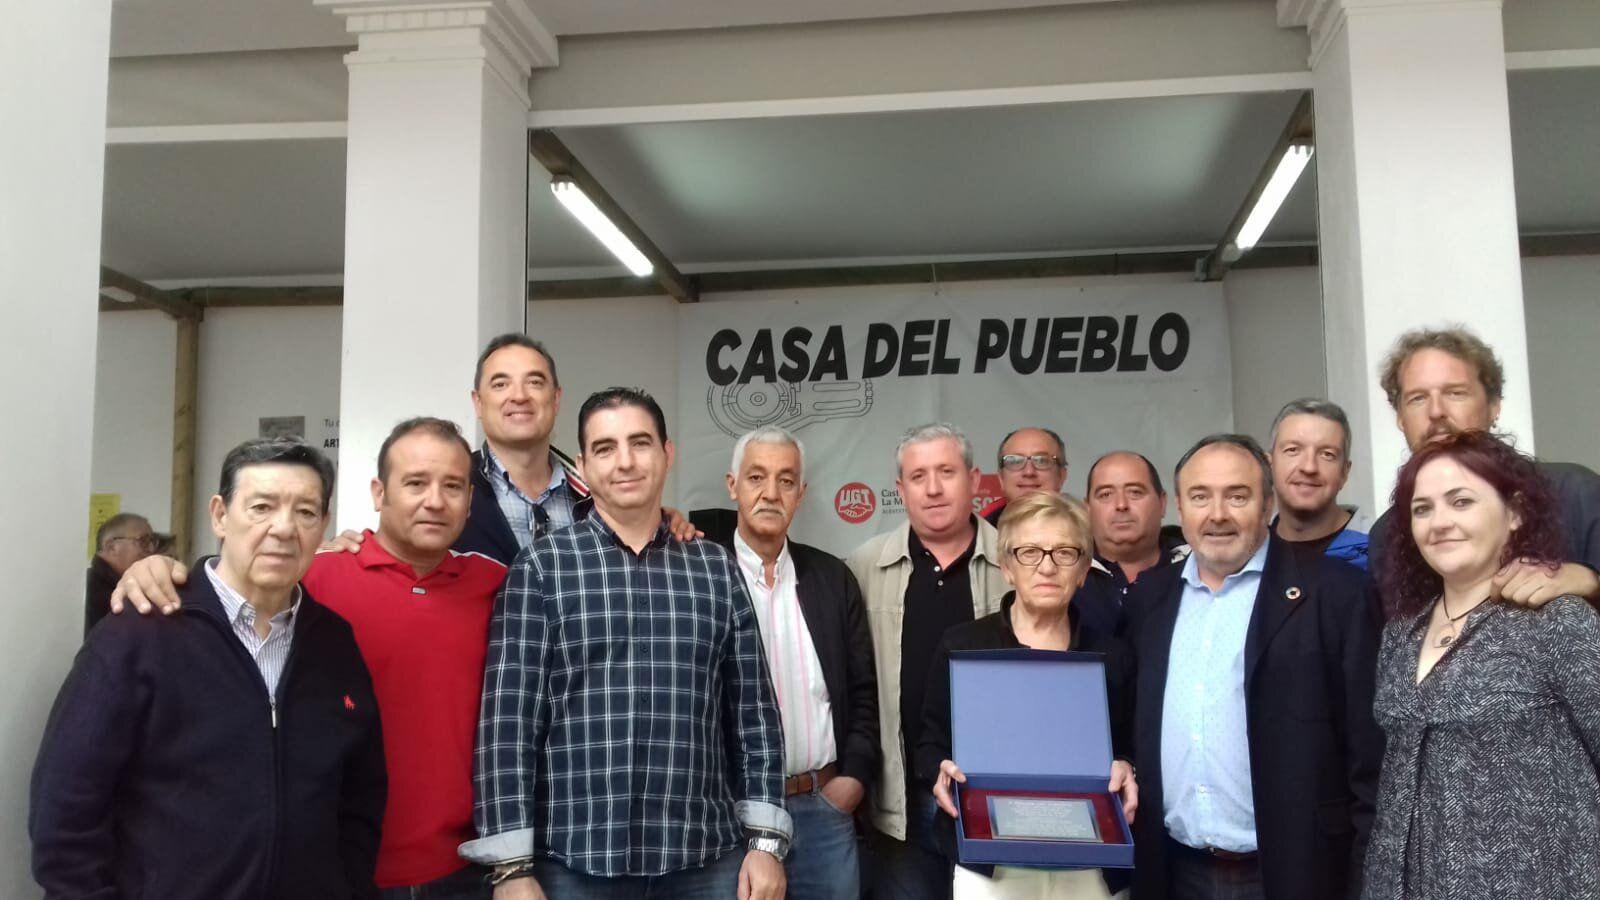 UGT homenajea a Purificación González por su destacada trayectoria sindical durante más de 40 años